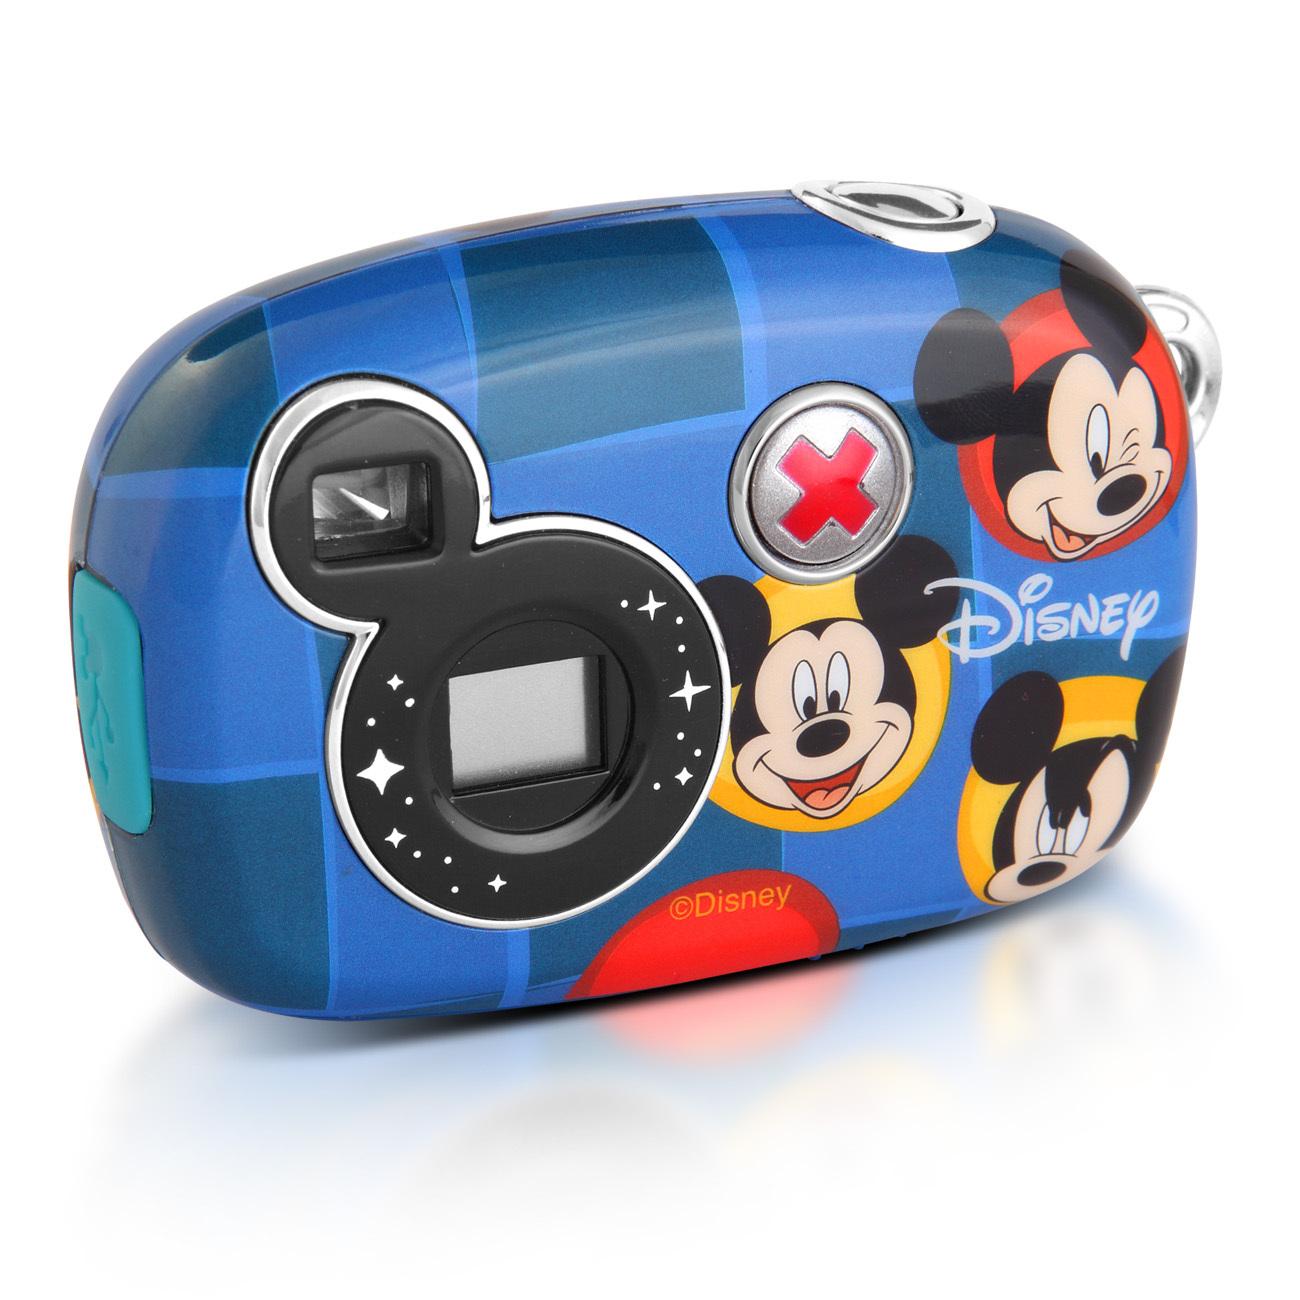 disney/迪士尼 030魔镜(米奇)儿童数码相机 迷你照相机 小孩玩具图片